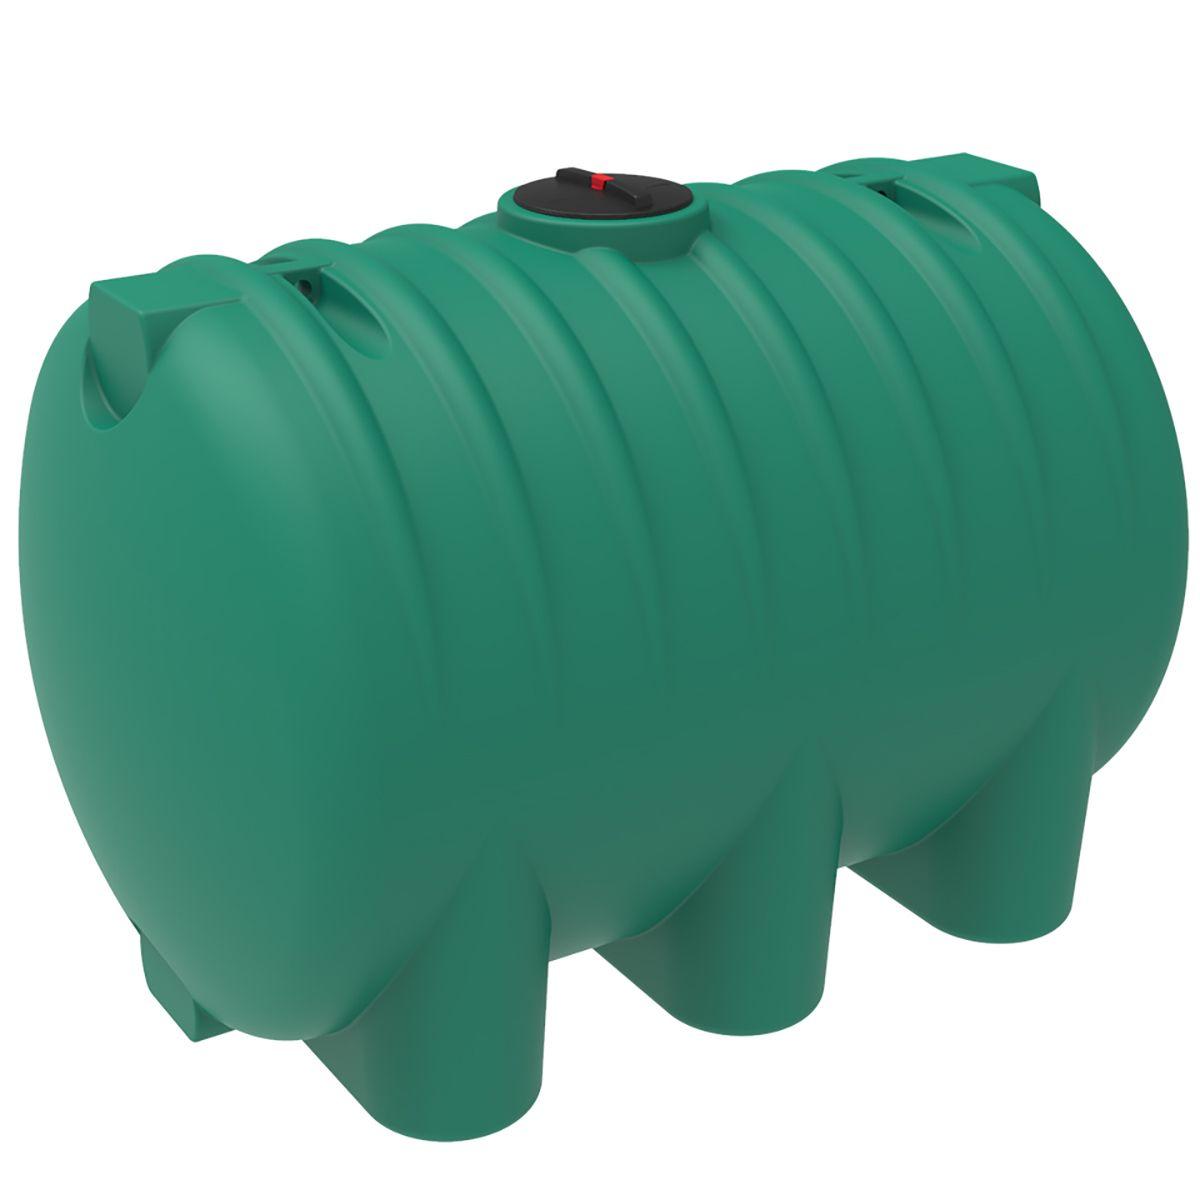 Емкость HR 8000 литров зеленая пластиковая